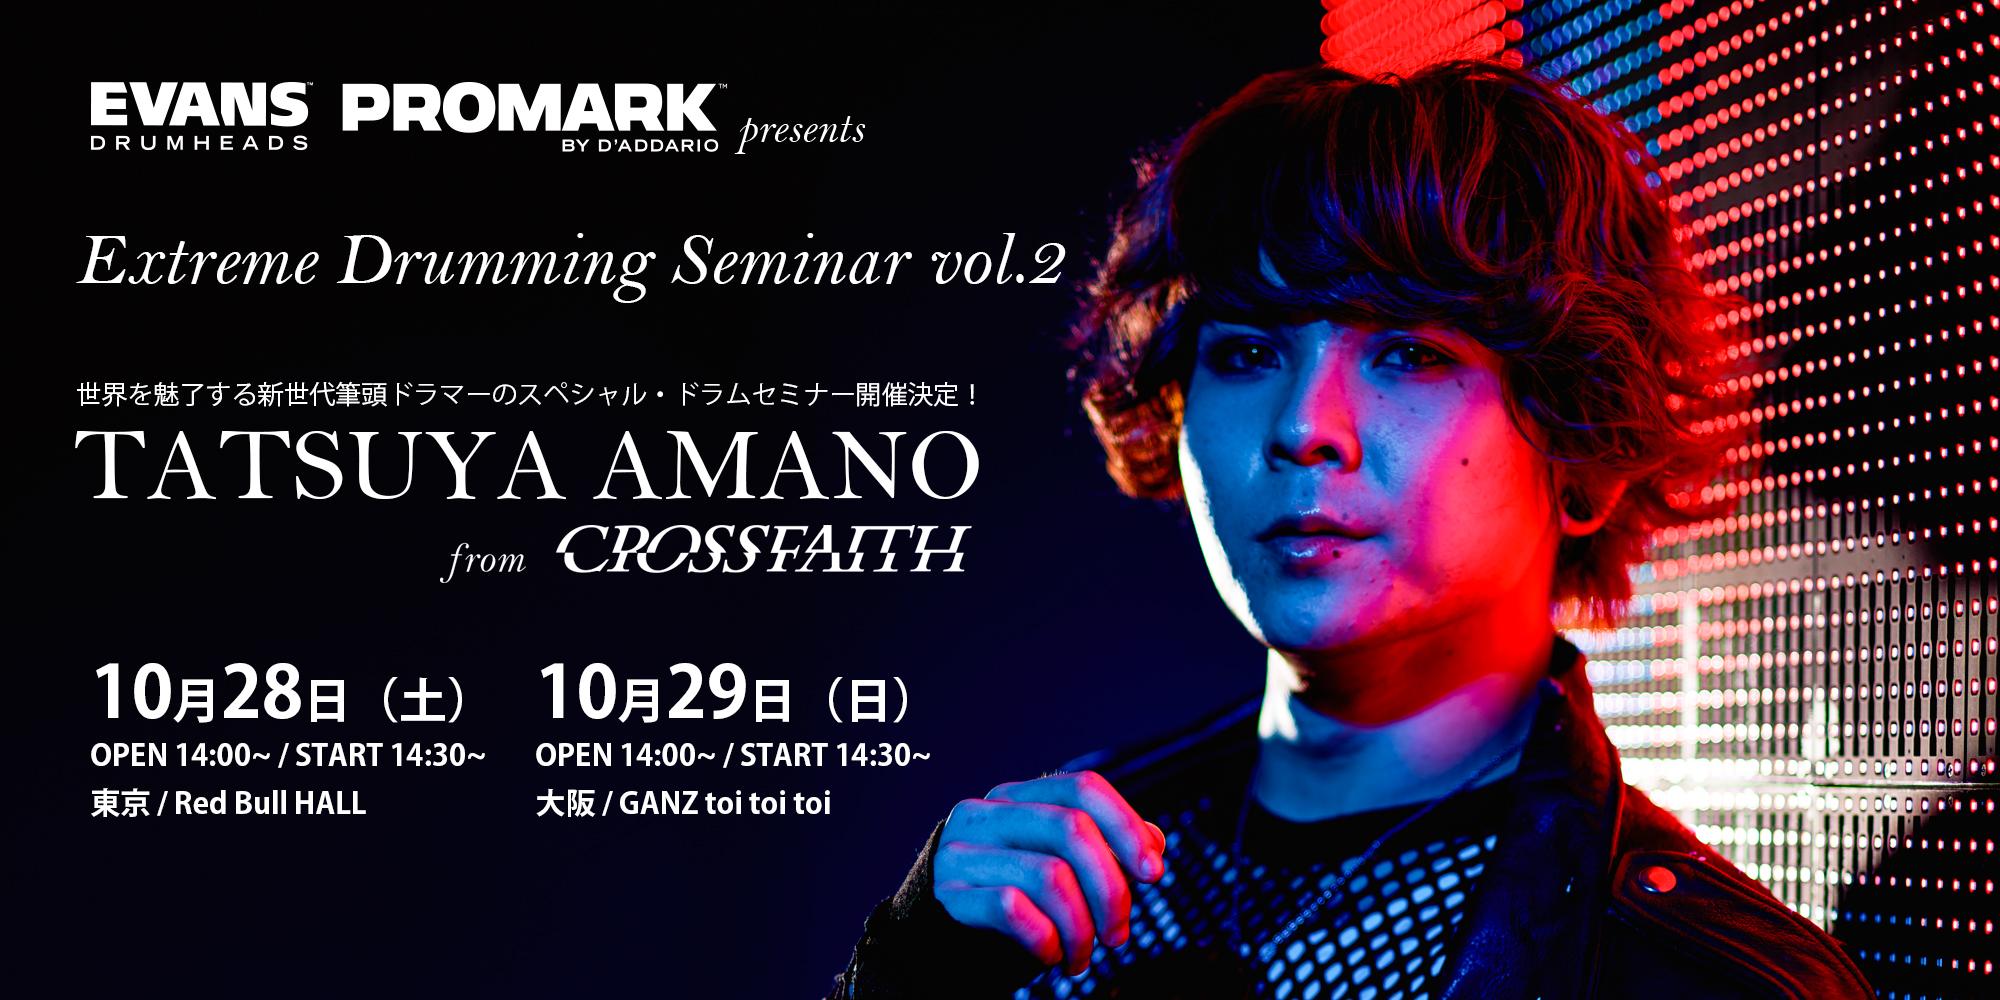 次世代を担う日本が世界に誇るドラマー・Tatsuya Amanoによる3年ぶり2回目となる ドラムセミナー開催決定!